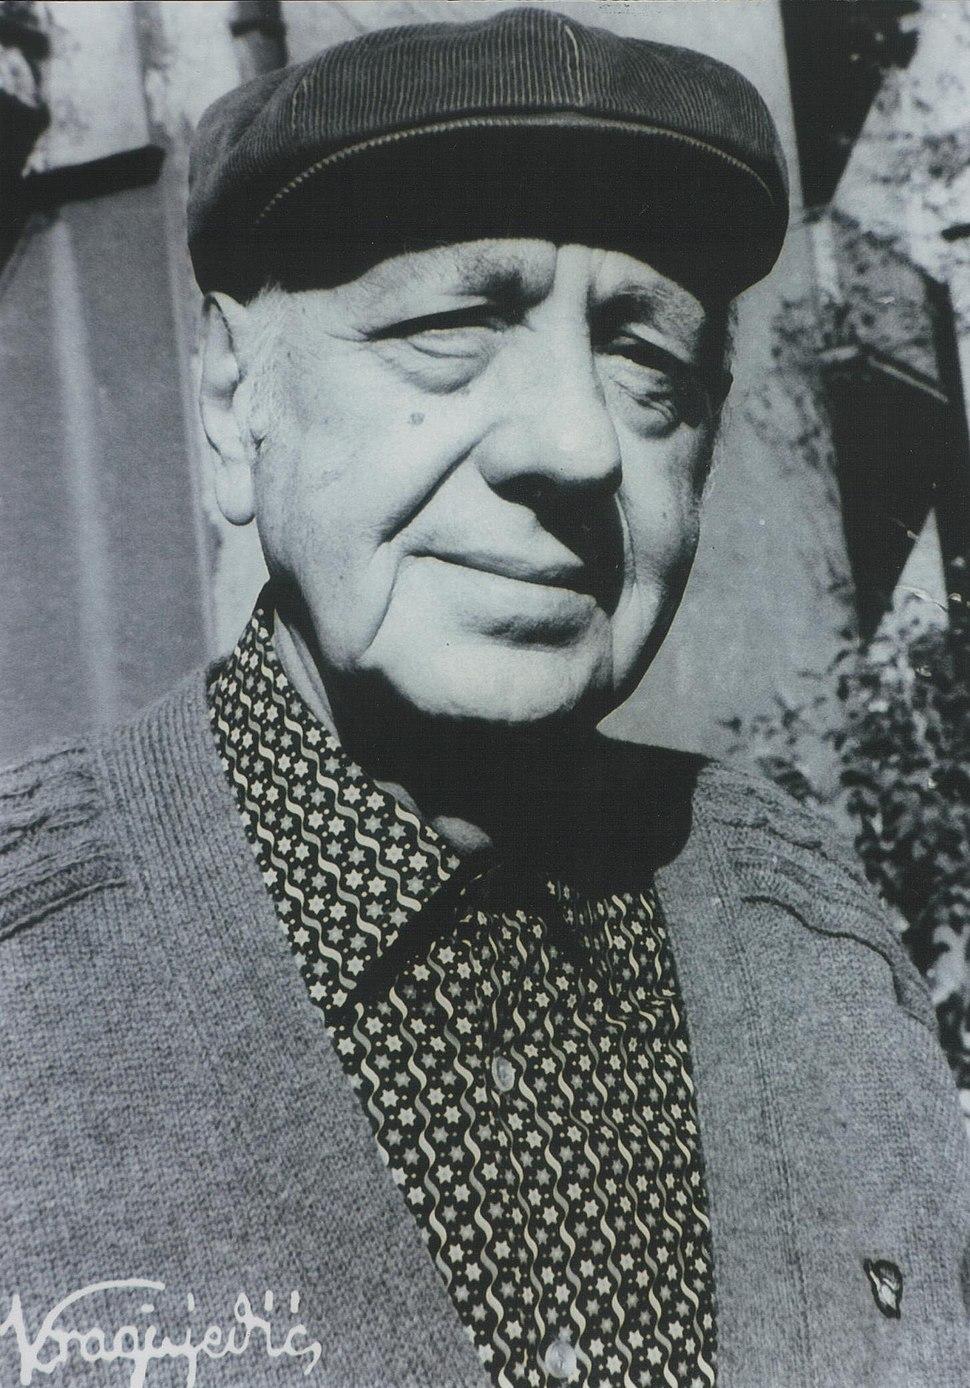 Stevan Kragujevic, Vasko Popa, 1990